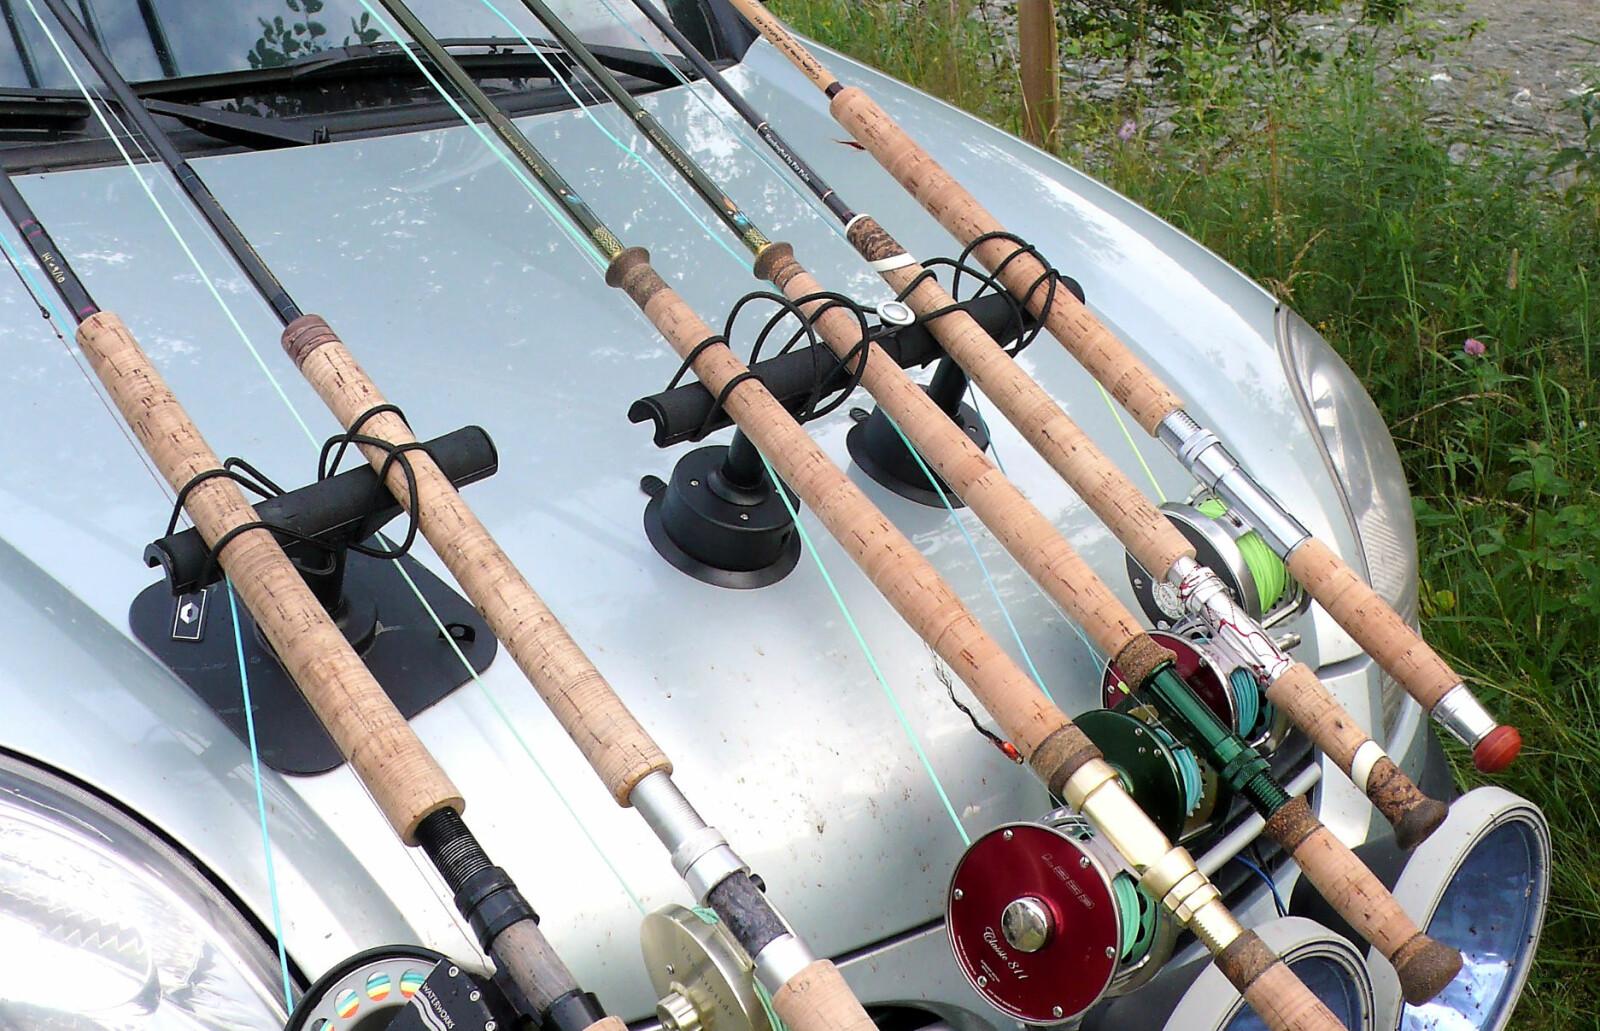 <b>NOK STENGER: </b>Disse laksefiskerne har i alle fall tatt med nok stenger.